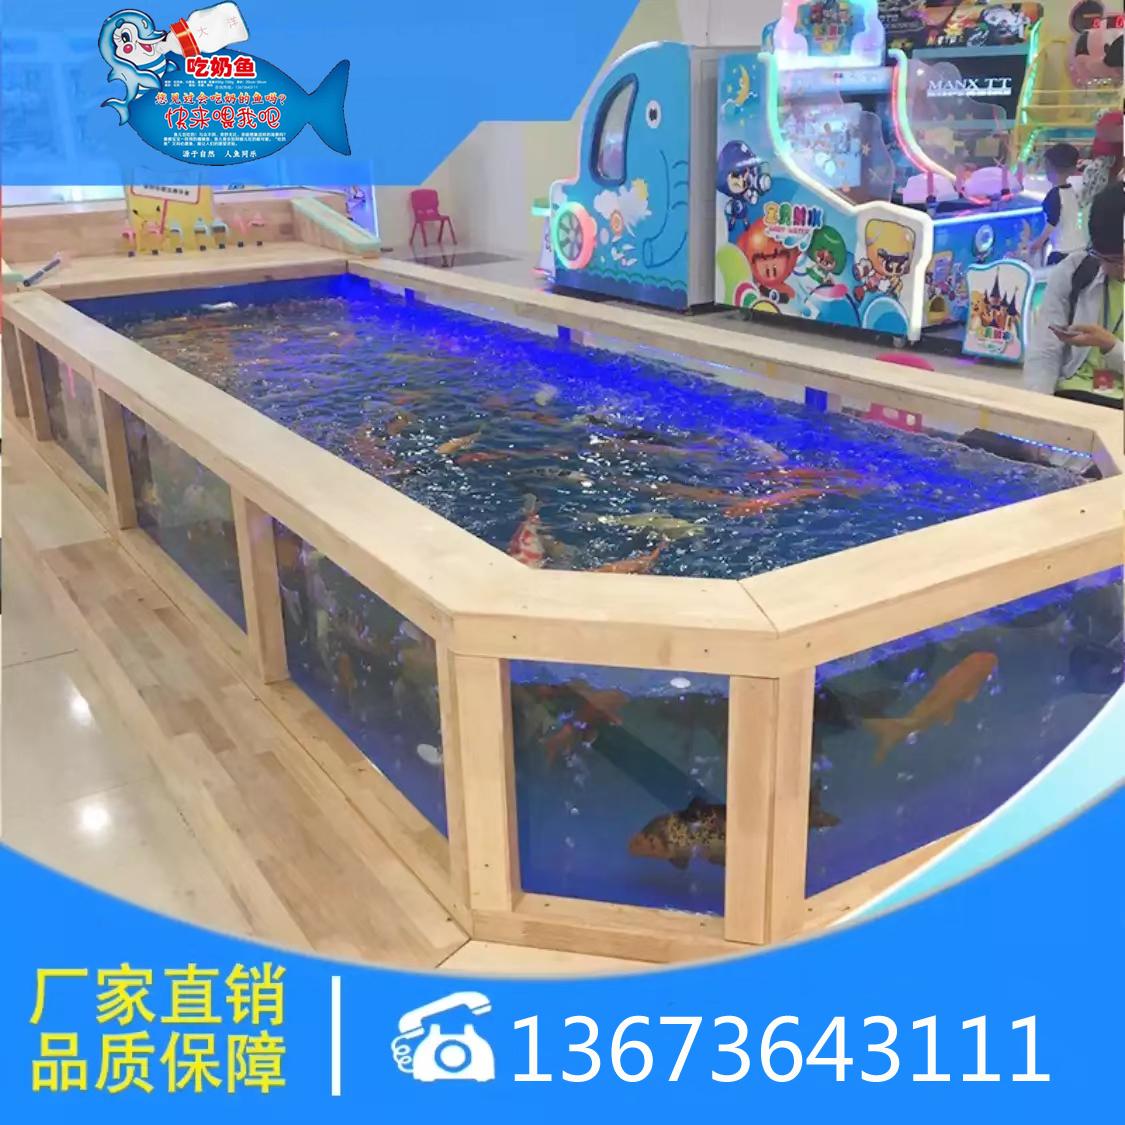 赚钱快的吃奶鱼游乐设施,适合室内的玻璃鱼池养吃奶鱼就像景观一样漂亮,生意很好孩子们都喜欢吃奶鱼游乐设备,郑州大洋游乐设备示例图7